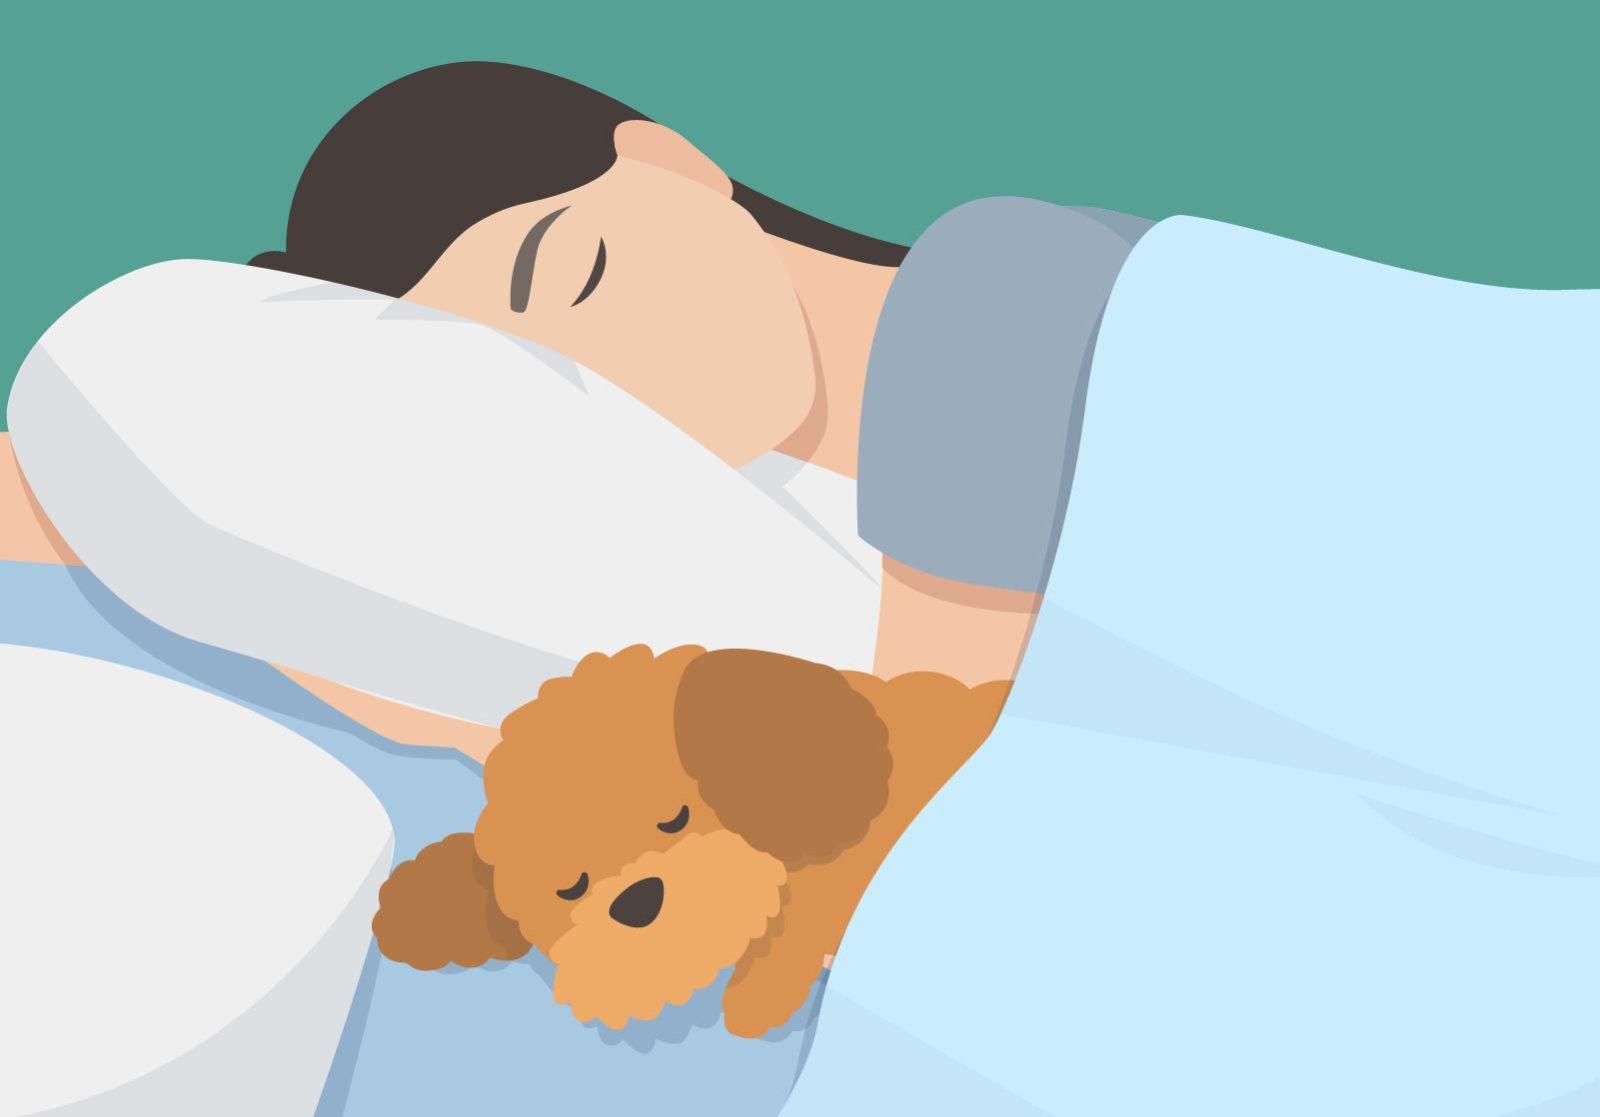 Hund im Bett: Einer Studie zufolge sind Hunde die besseren Bettgenossen.